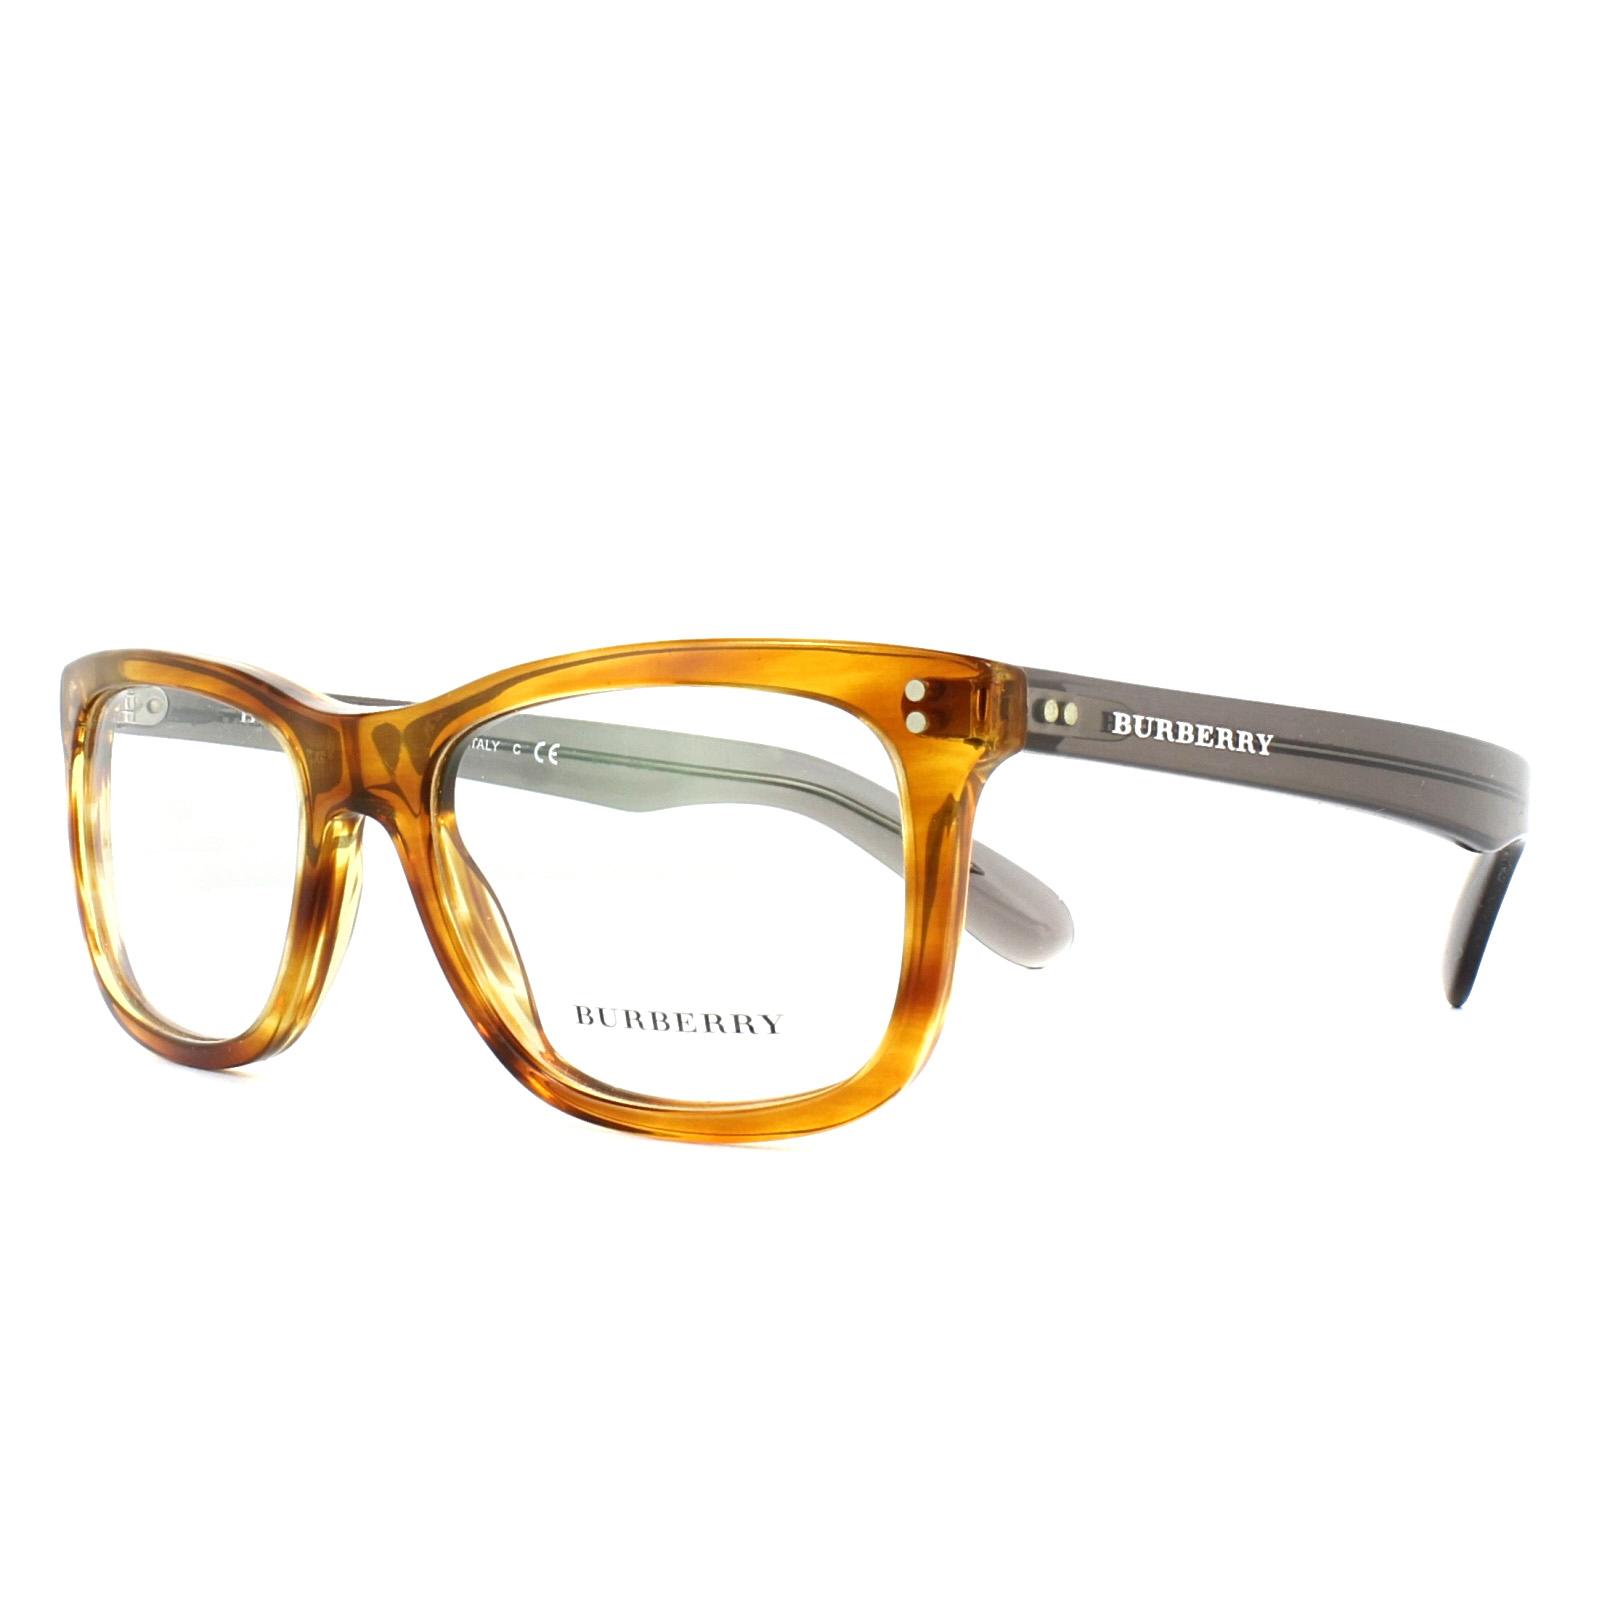 Burberry Glasses Frames BE2212 3550 Amber Horn 52mm Mens ...